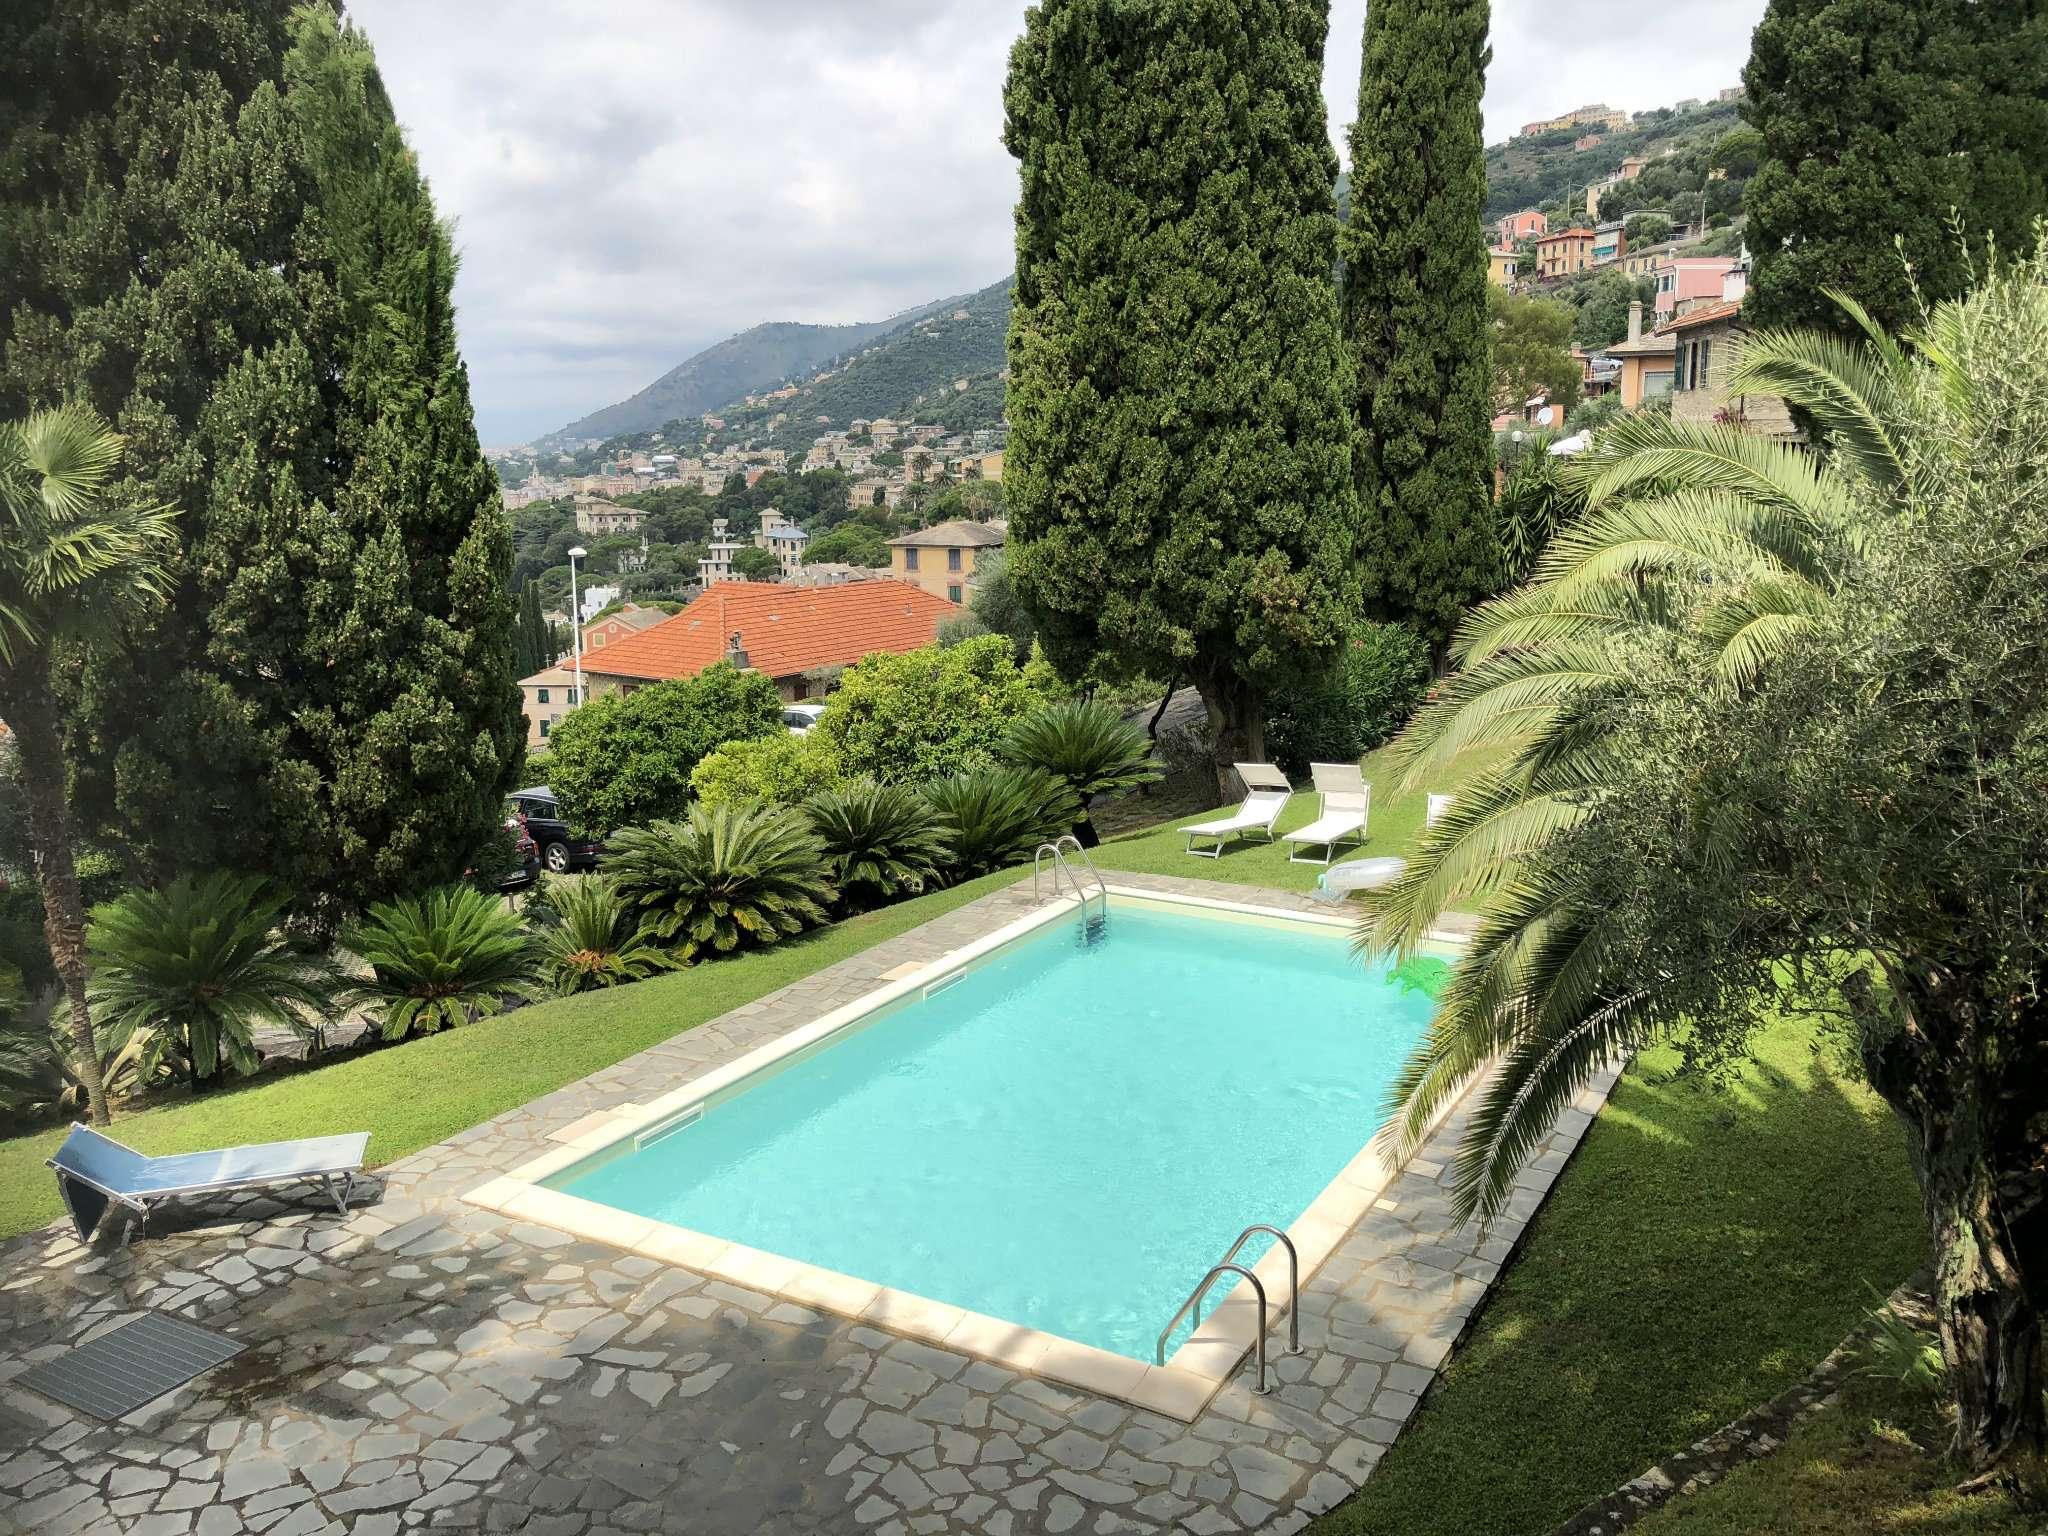 Appartamento in vendita a Pieve Ligure, 4 locali, prezzo € 510.000 | CambioCasa.it